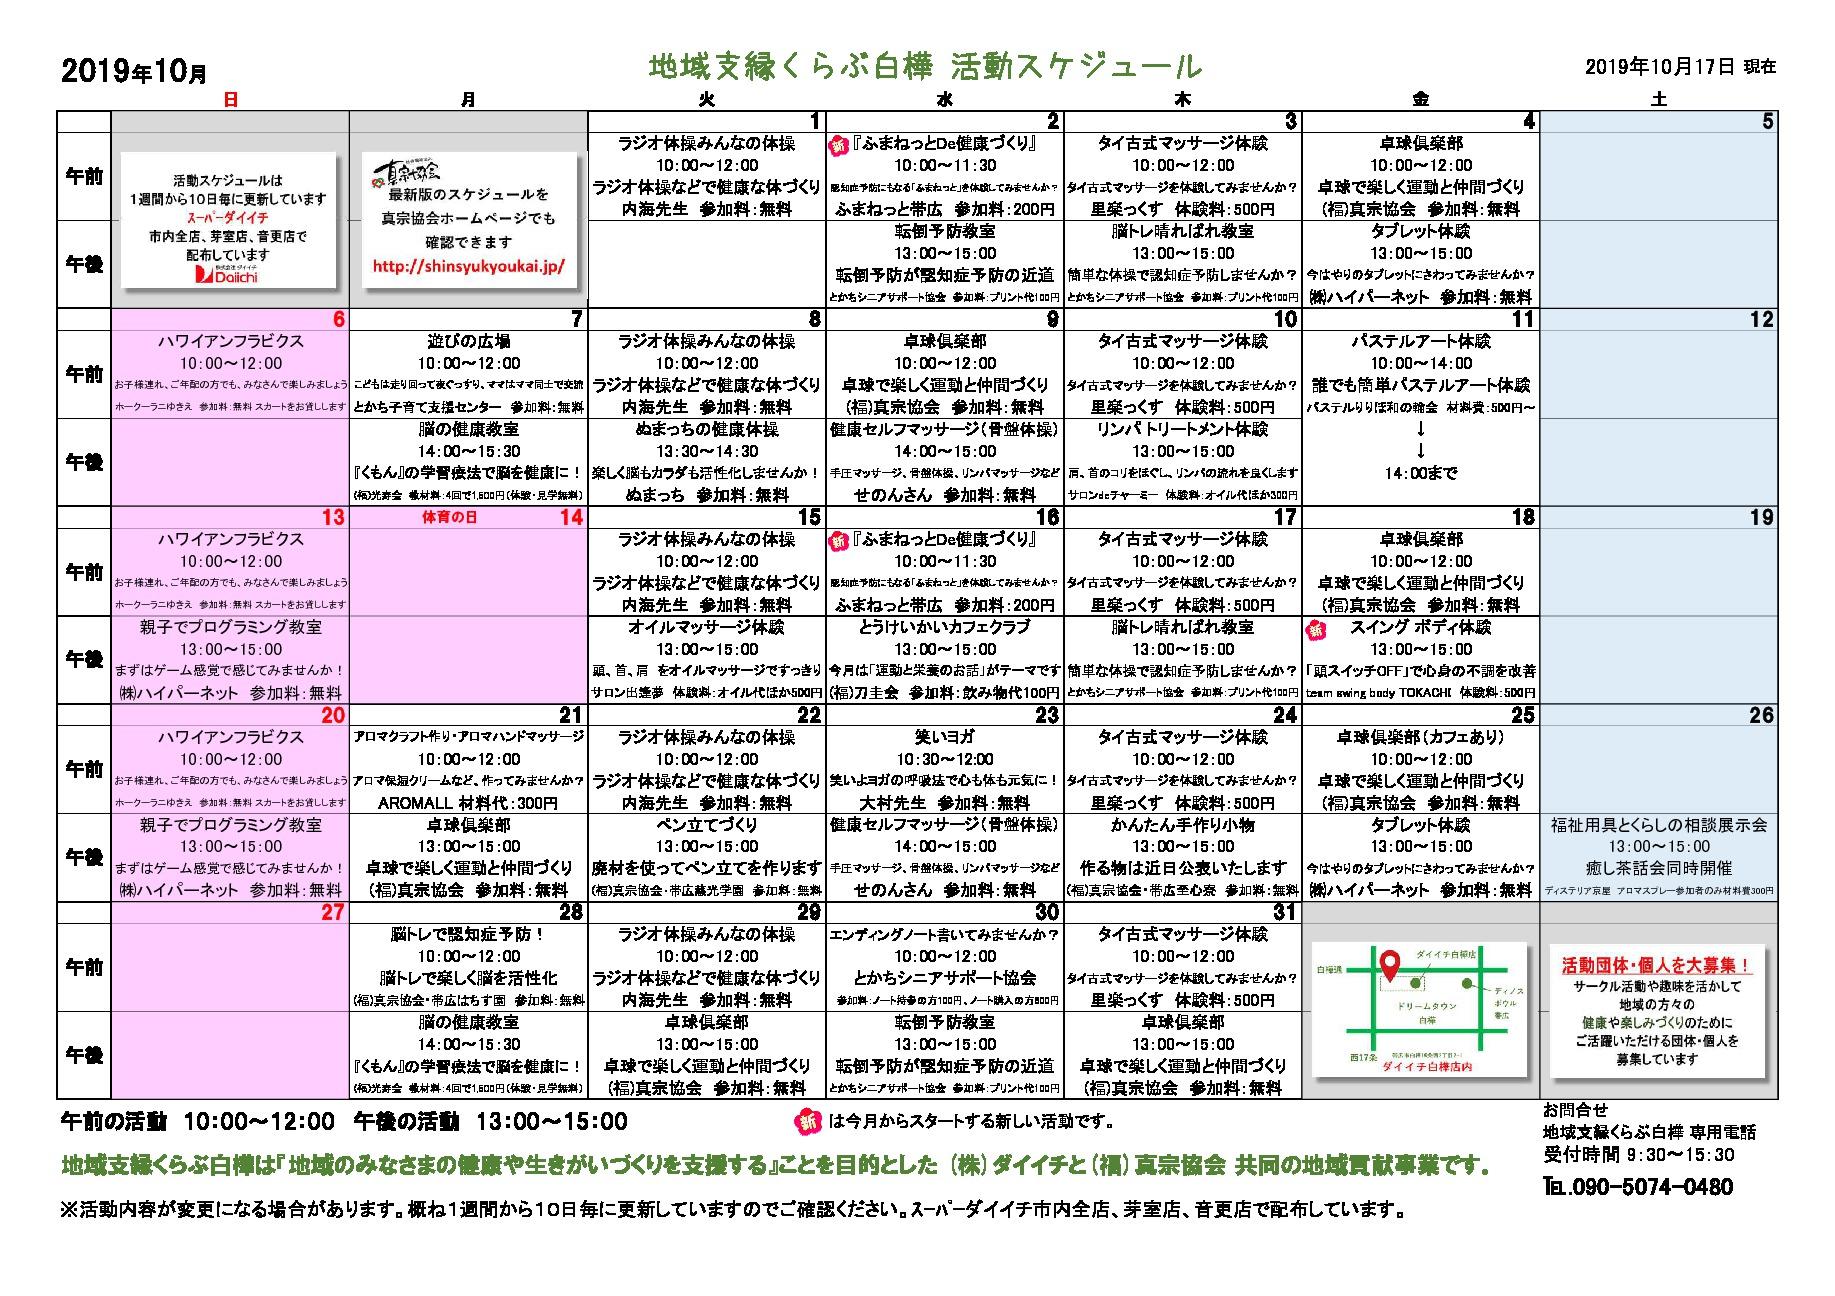 2019活動スケジュール10(2019.10.17付)のサムネイル